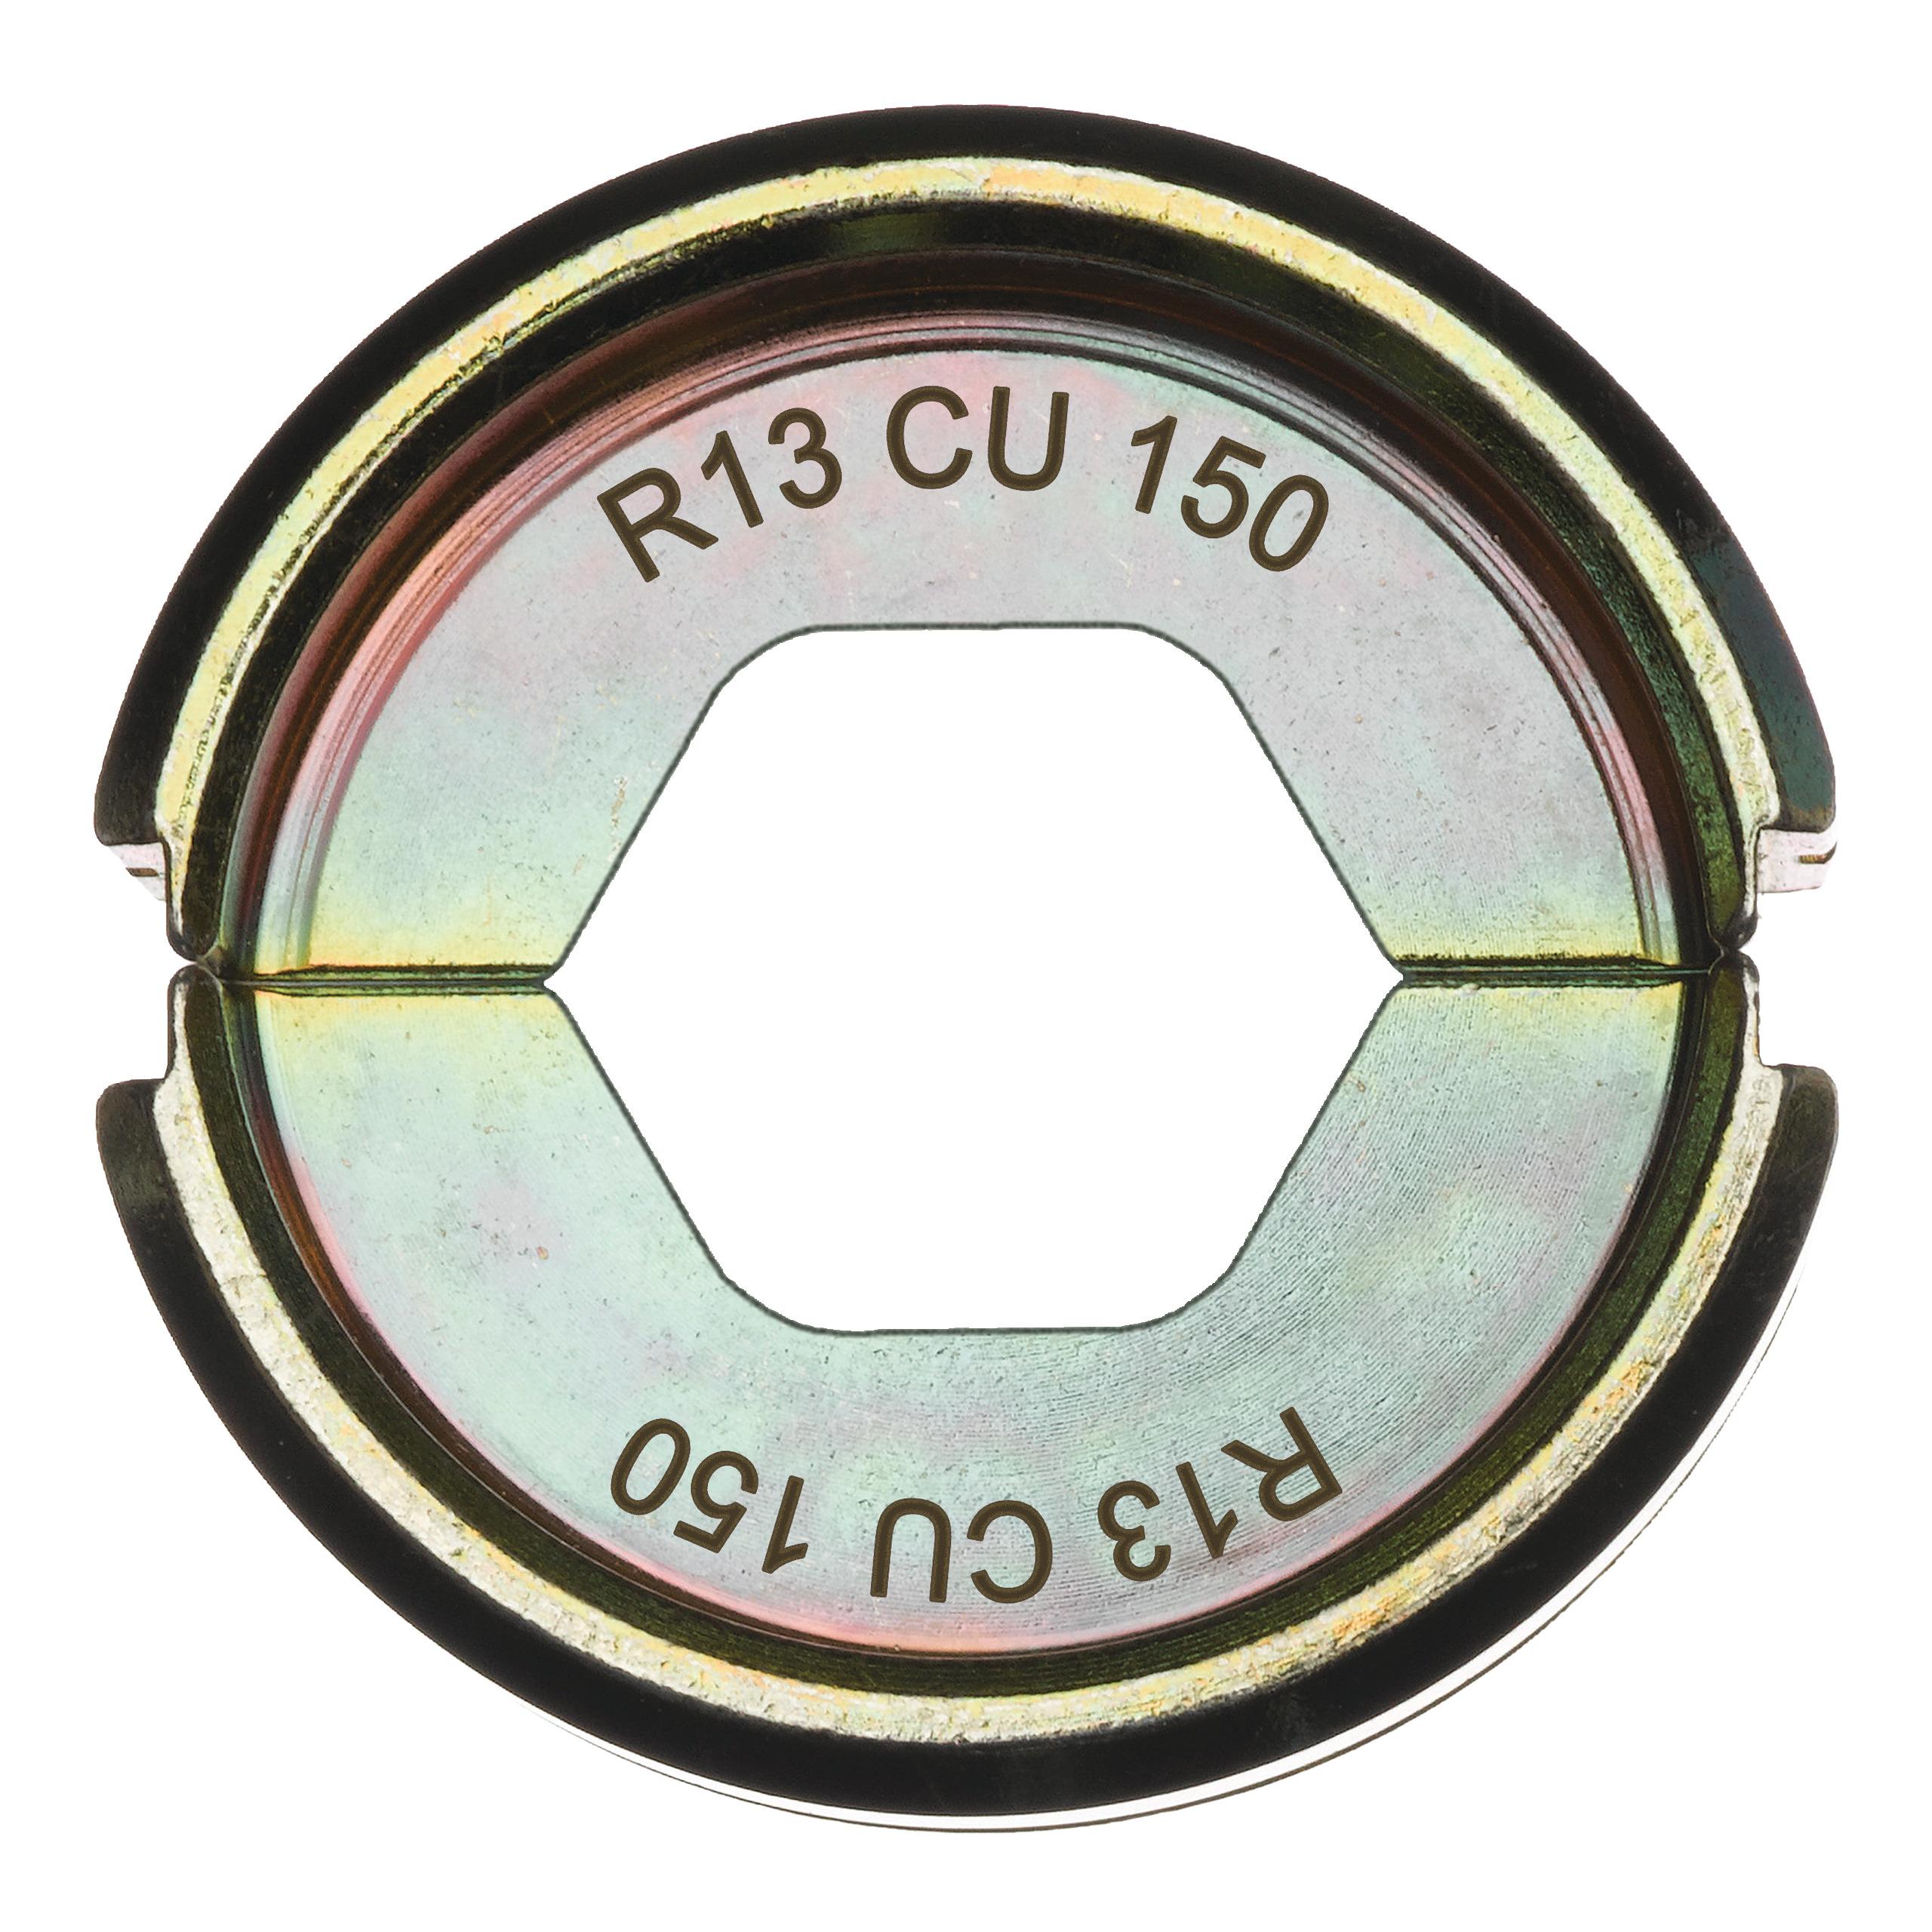 R13 CU 150-1PC Pojistný kroužek